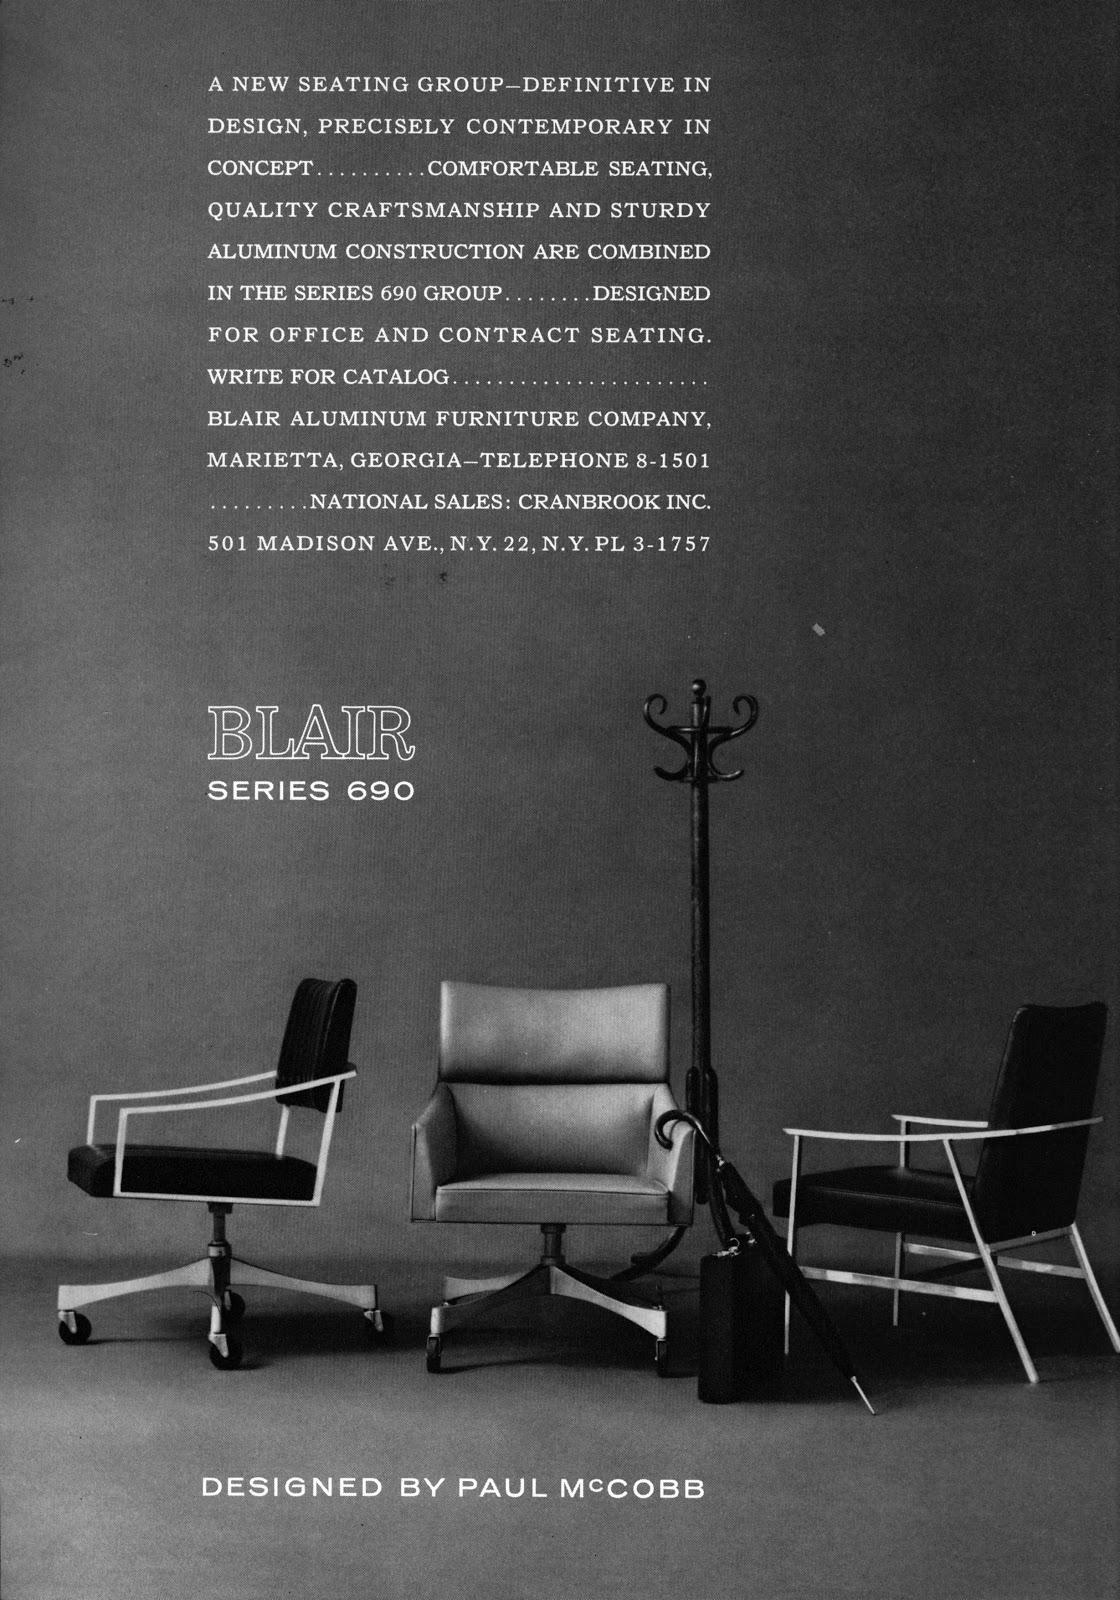 blair aluminum furniture